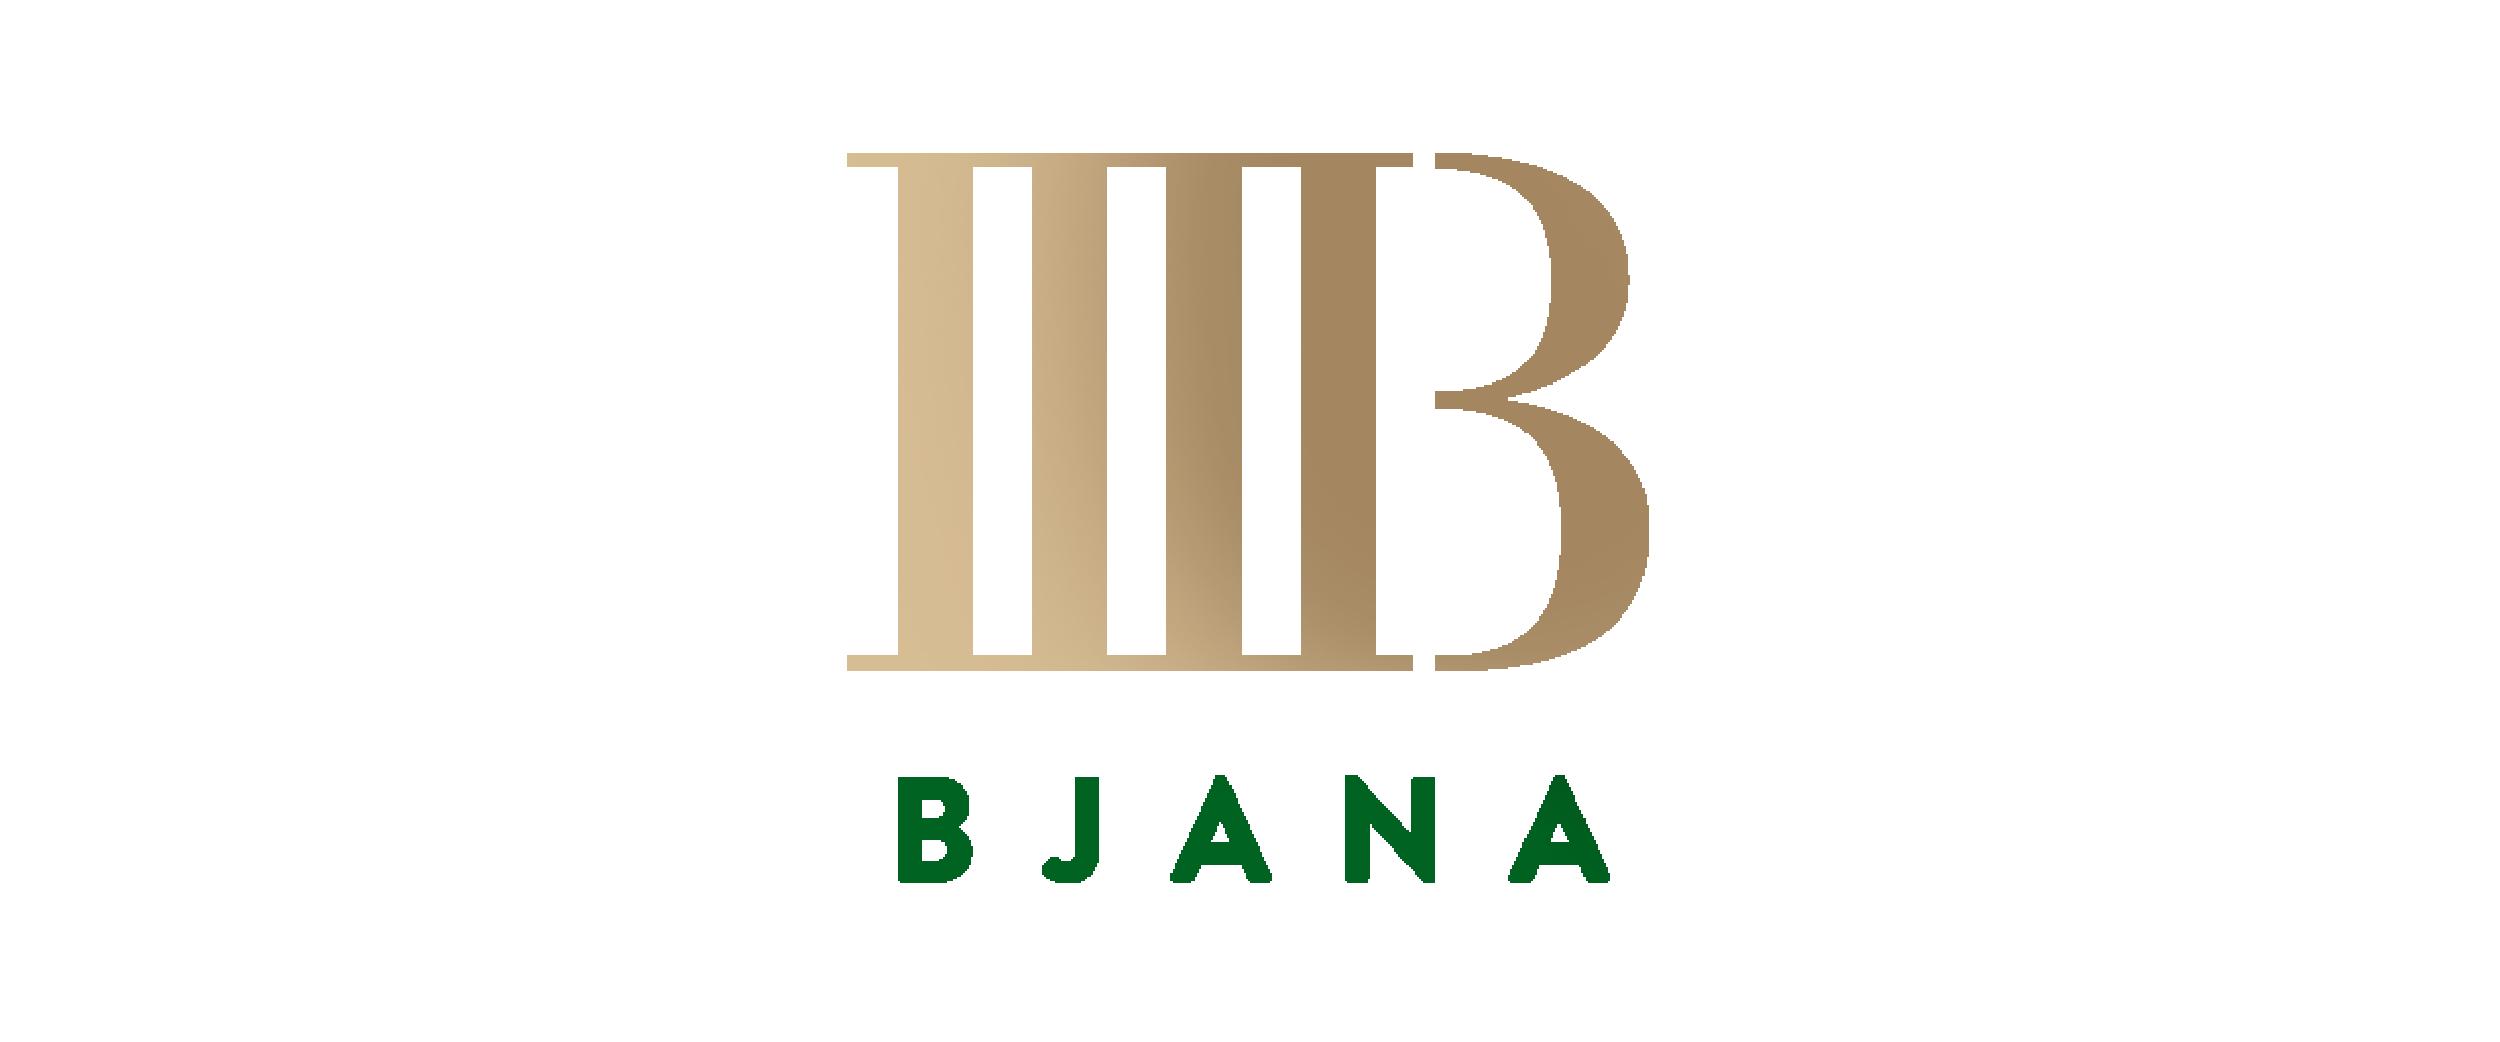 Bjana_600x250-01